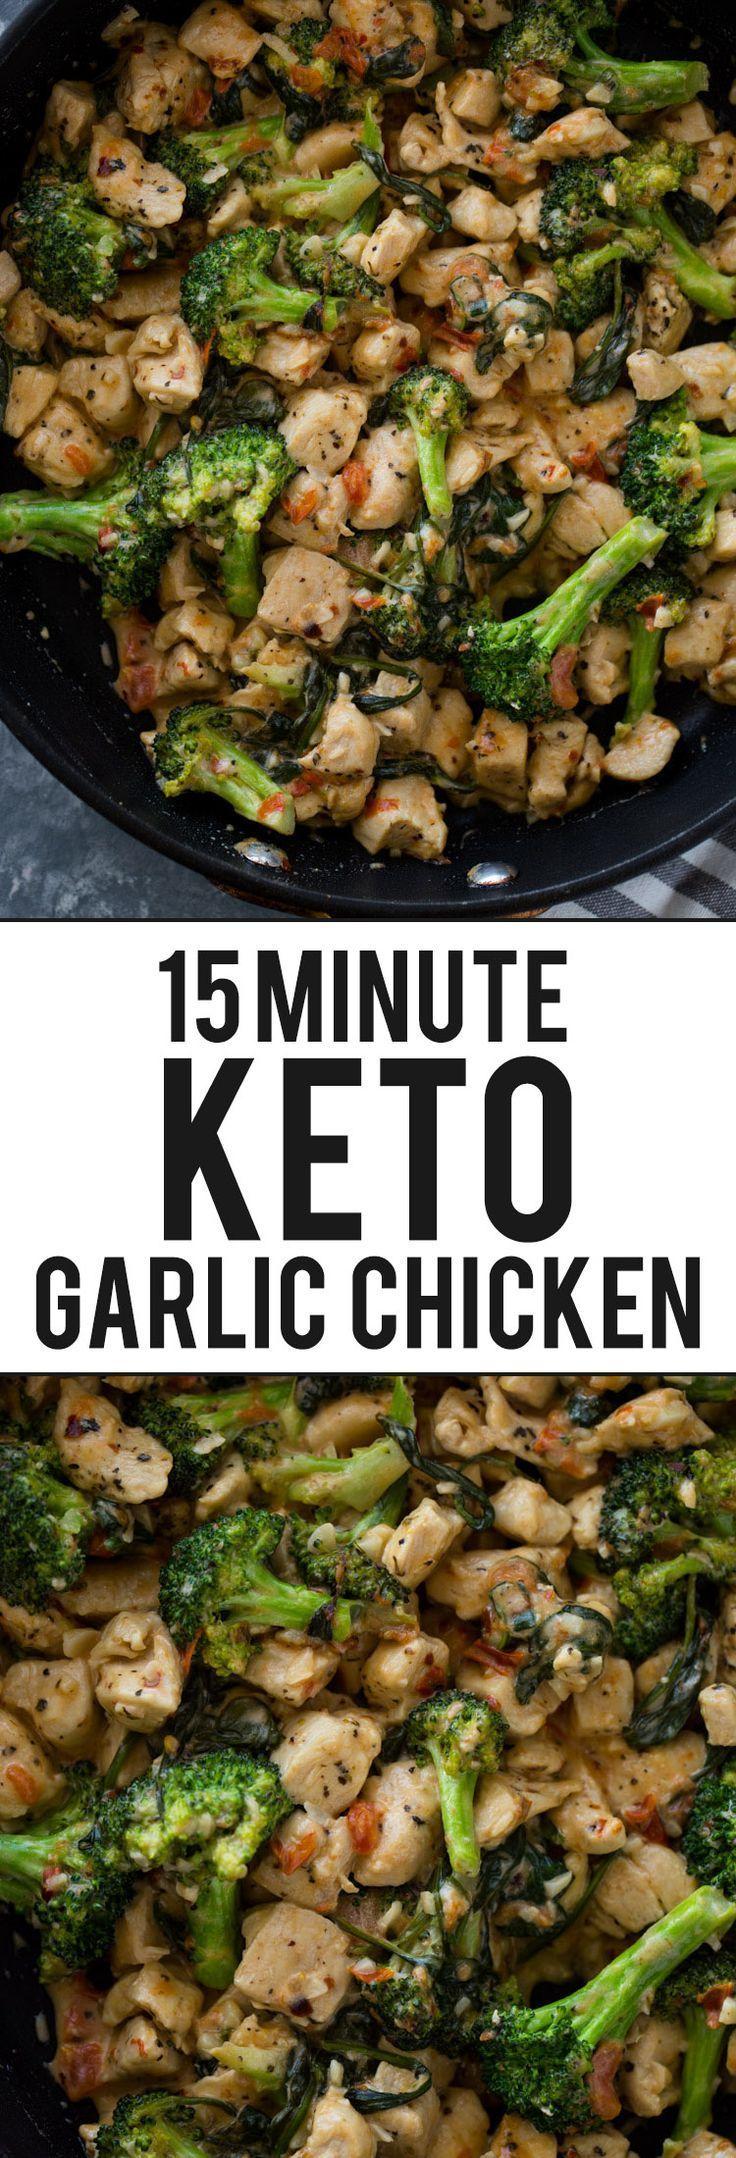 liebenswertes 15 Minuten Keto Knoblauch Hähnchen mit Brokkoli und Spinat   – Keto Recipes